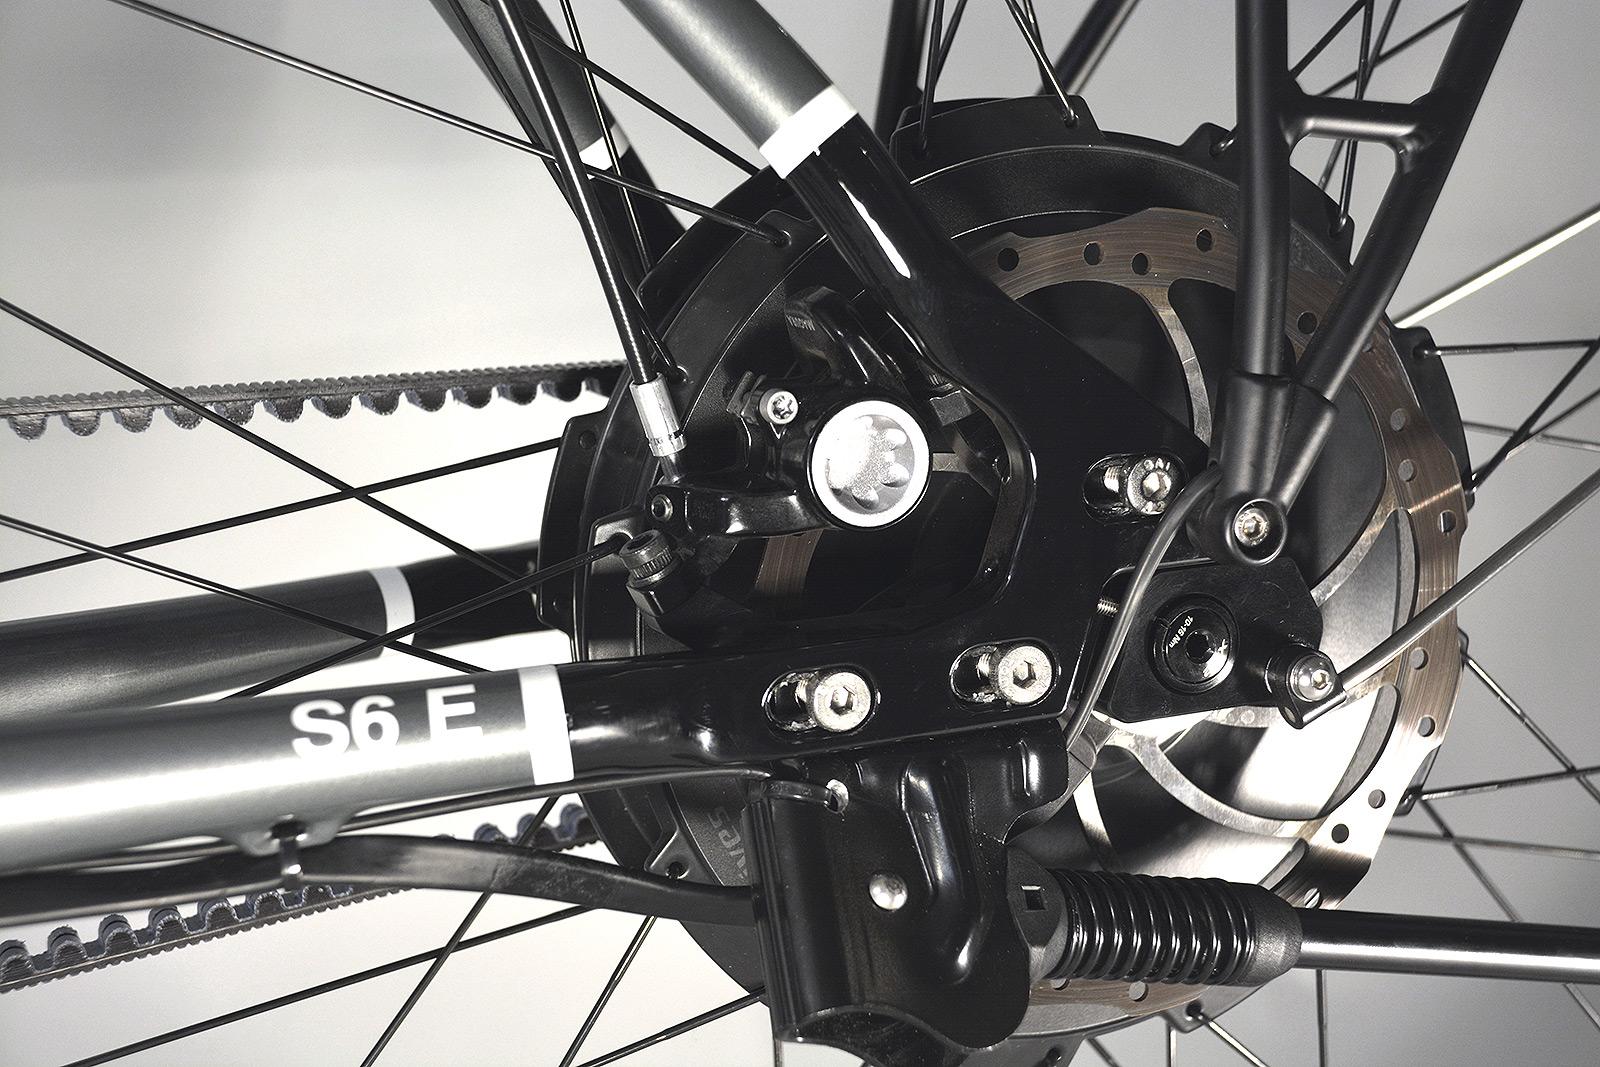 05-Links-Vorne-Motor-Bremse